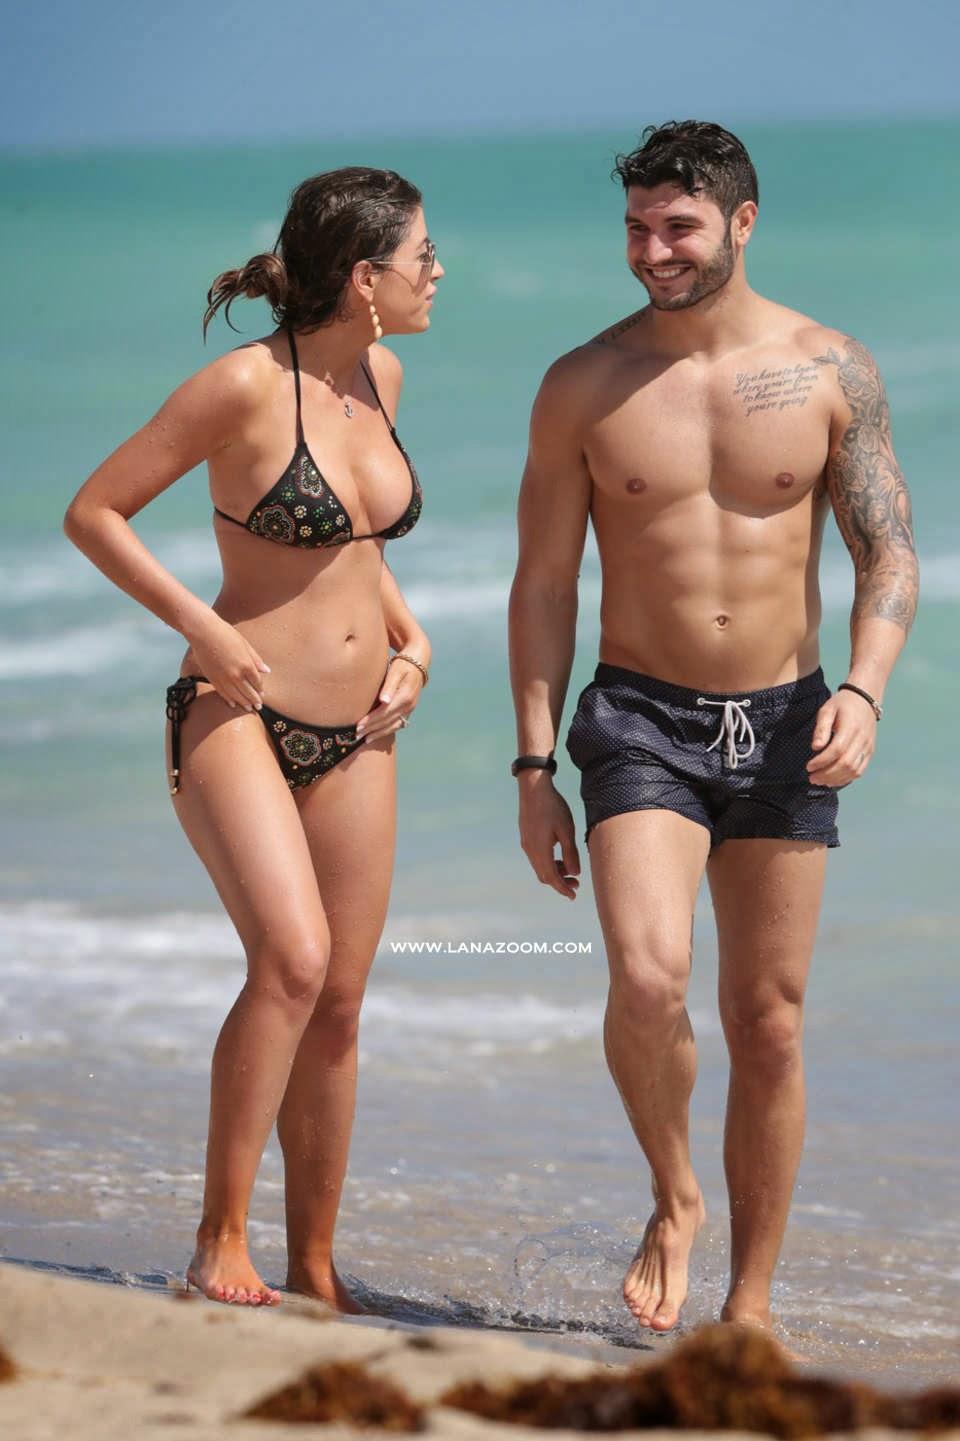 صور عارضة الأزياء كلوي ميلاس بالبكيني مع صديقها على الشاطئ